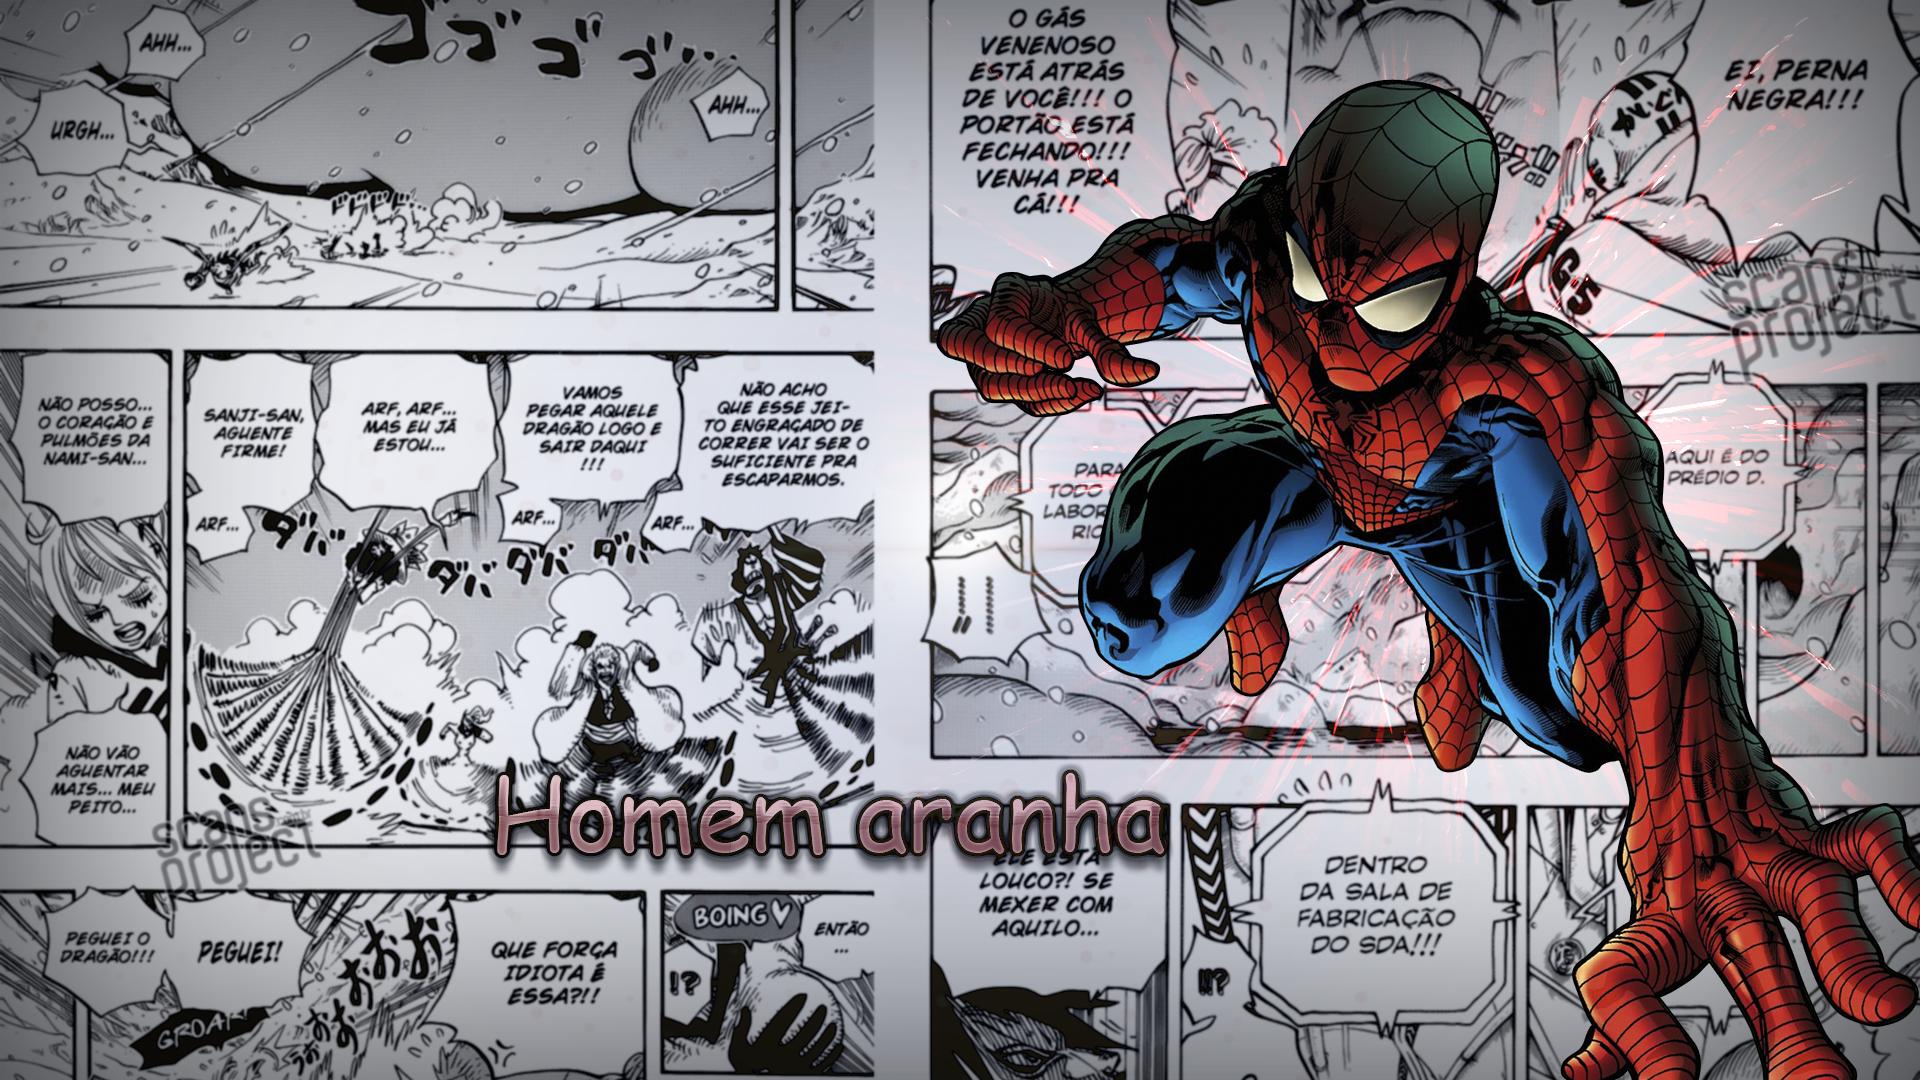 Pubg By Sodano On Deviantart: Spiderman Deviantart Wallpaper